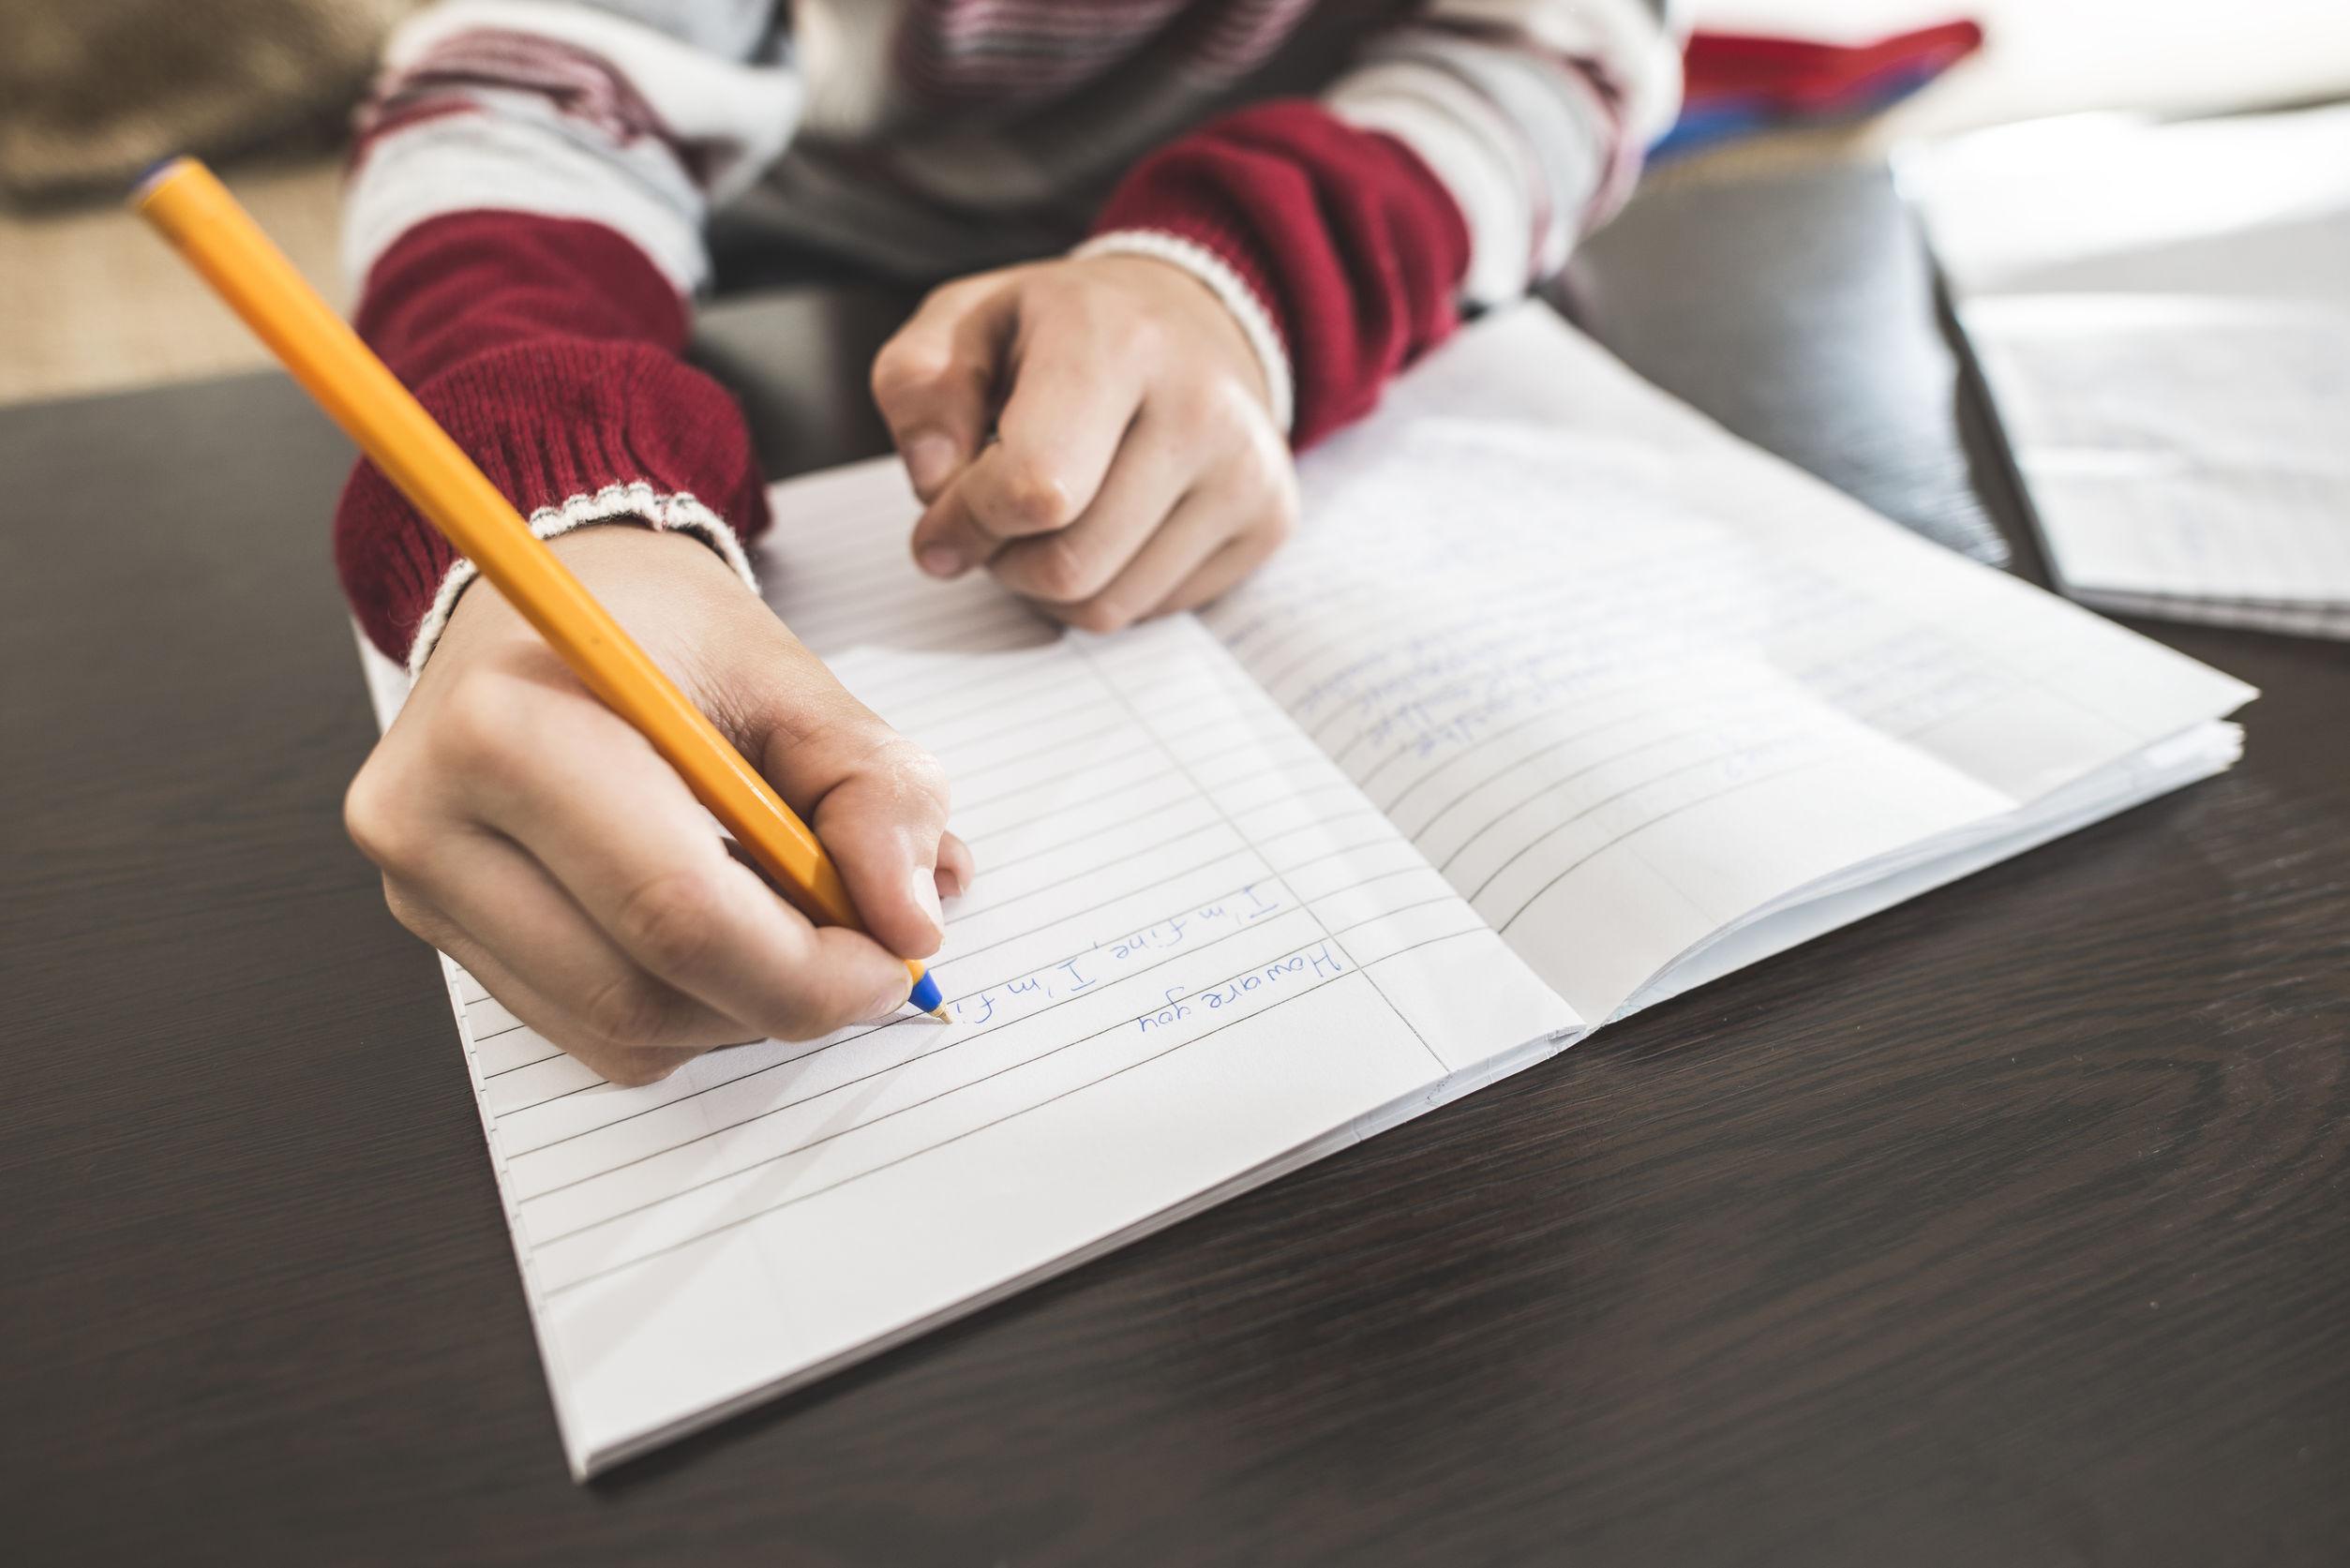 Temele pentru acasă. Ministerul Educaţiei face sondaj printre profesori, părinţi şi elevi, pentru identificare unor noi abordări şi corectarea derapajelor